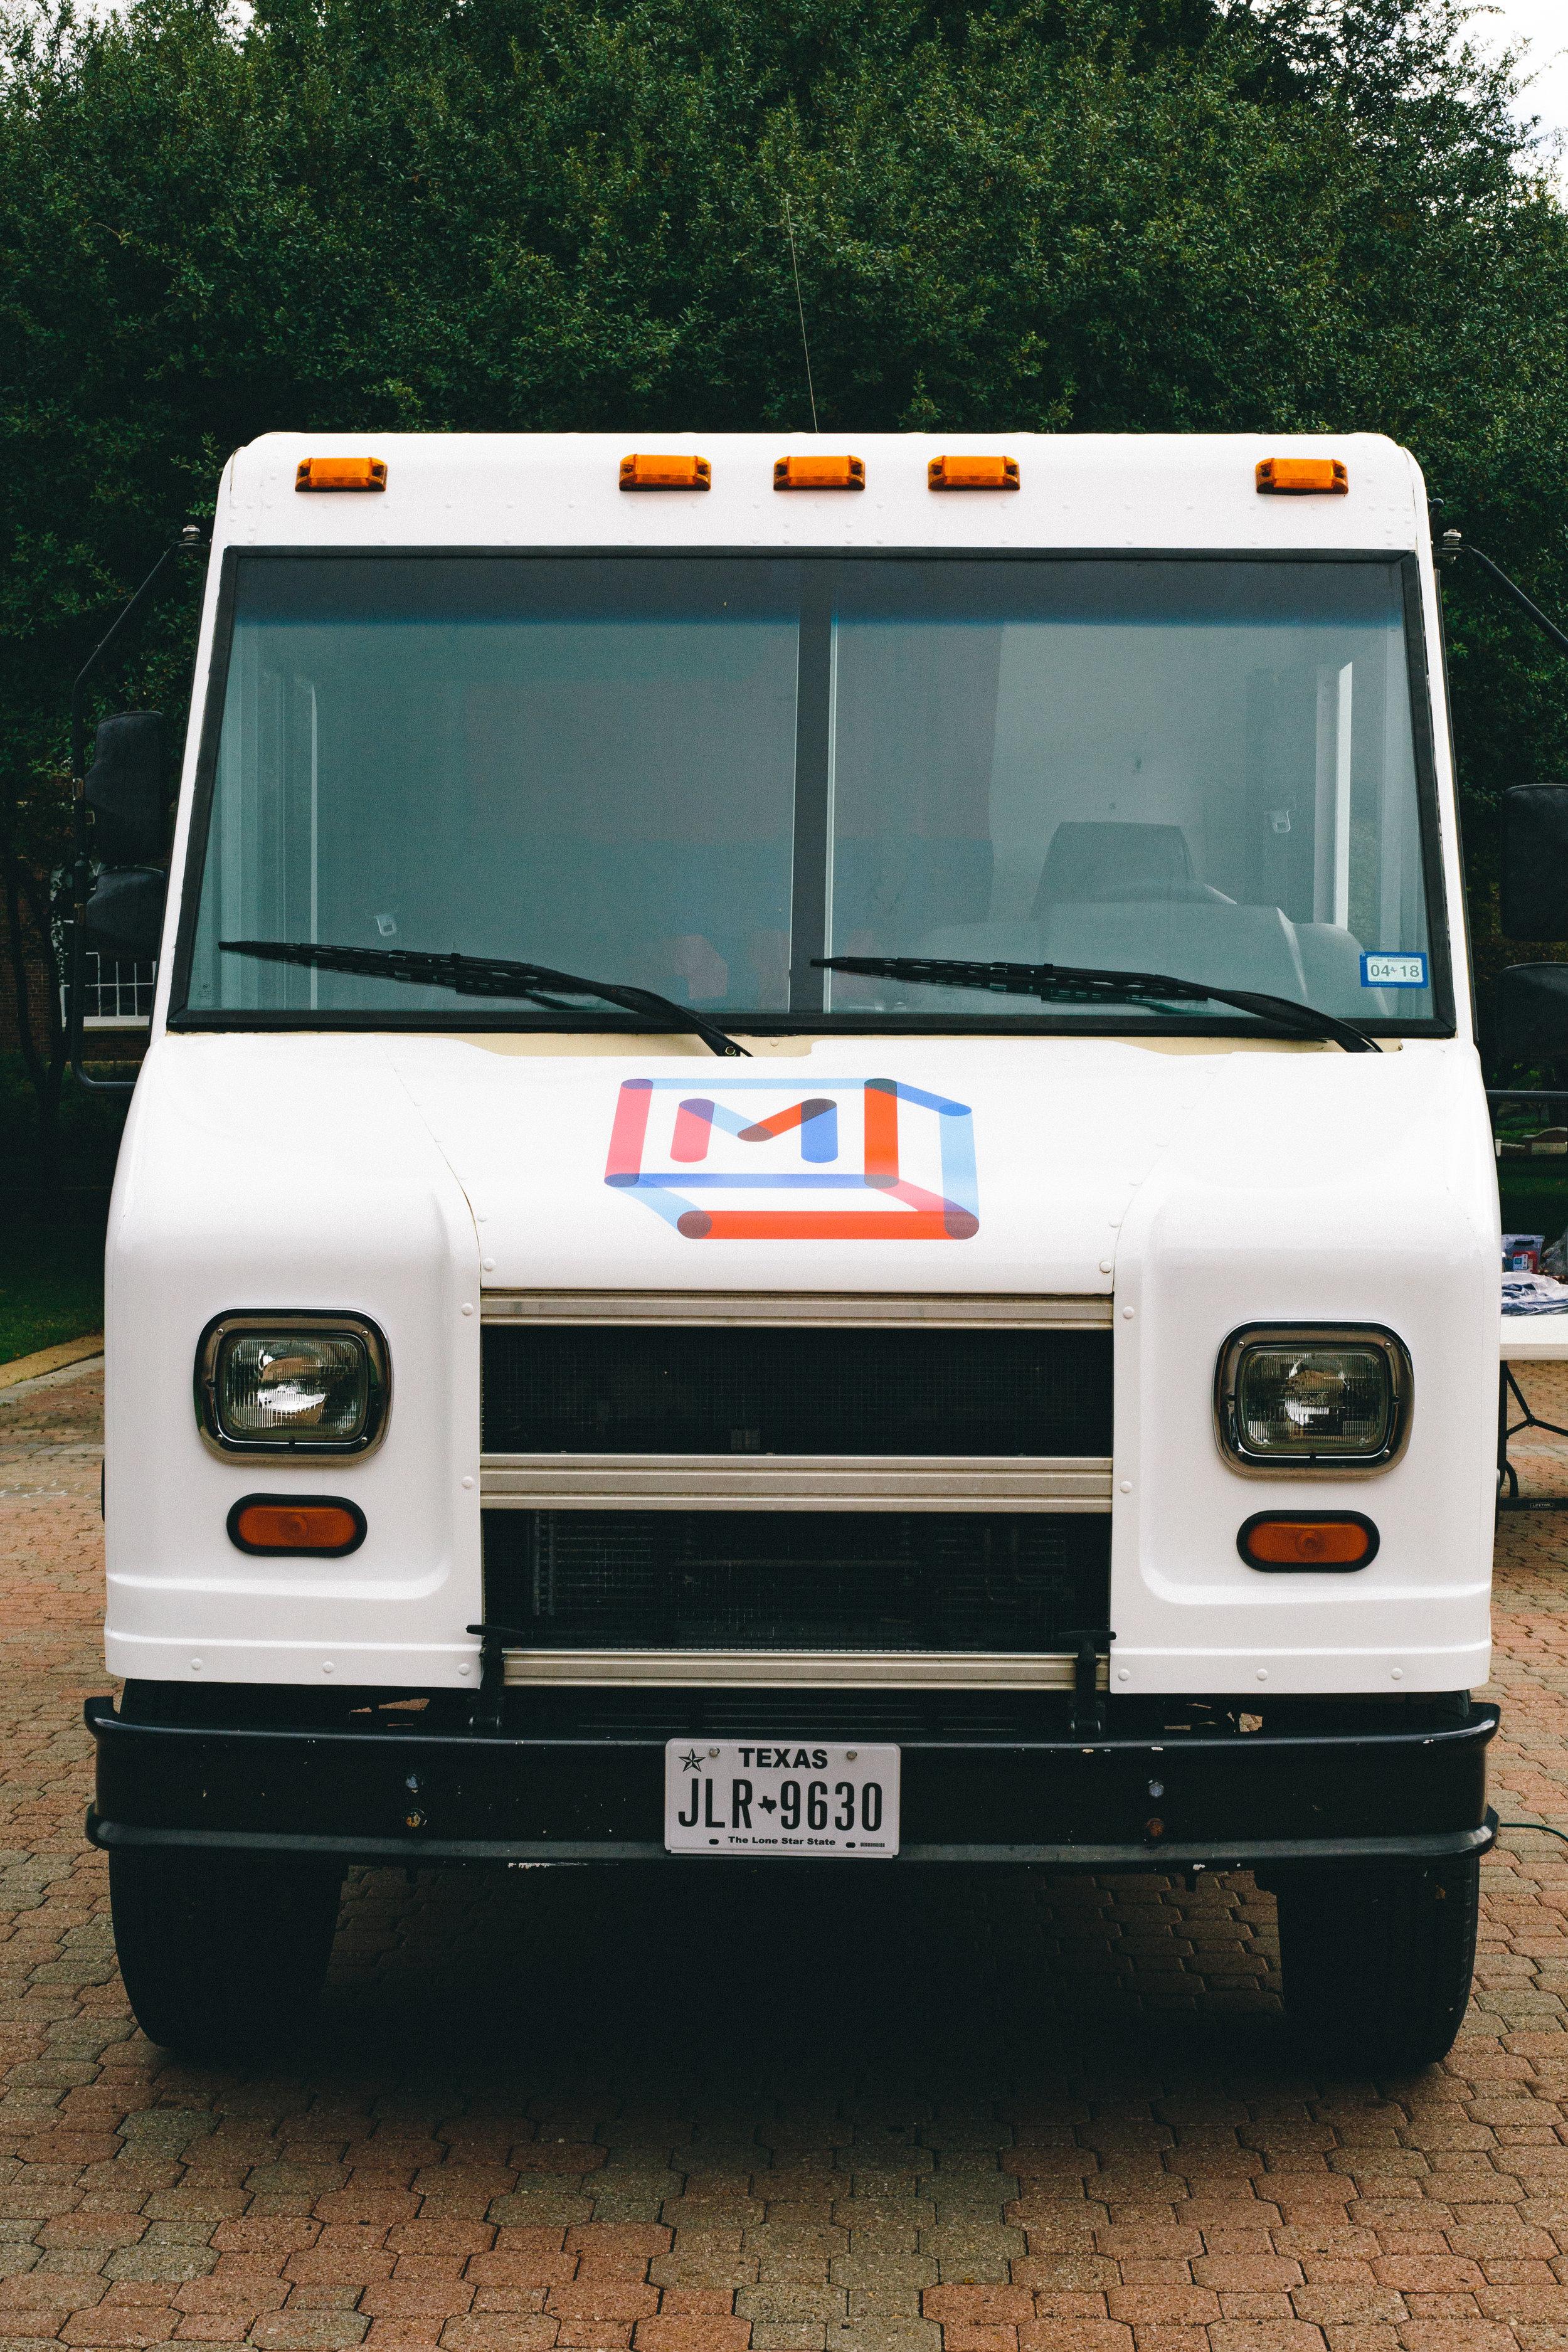 OCT_23_Maker_truck_Launch-4.jpg